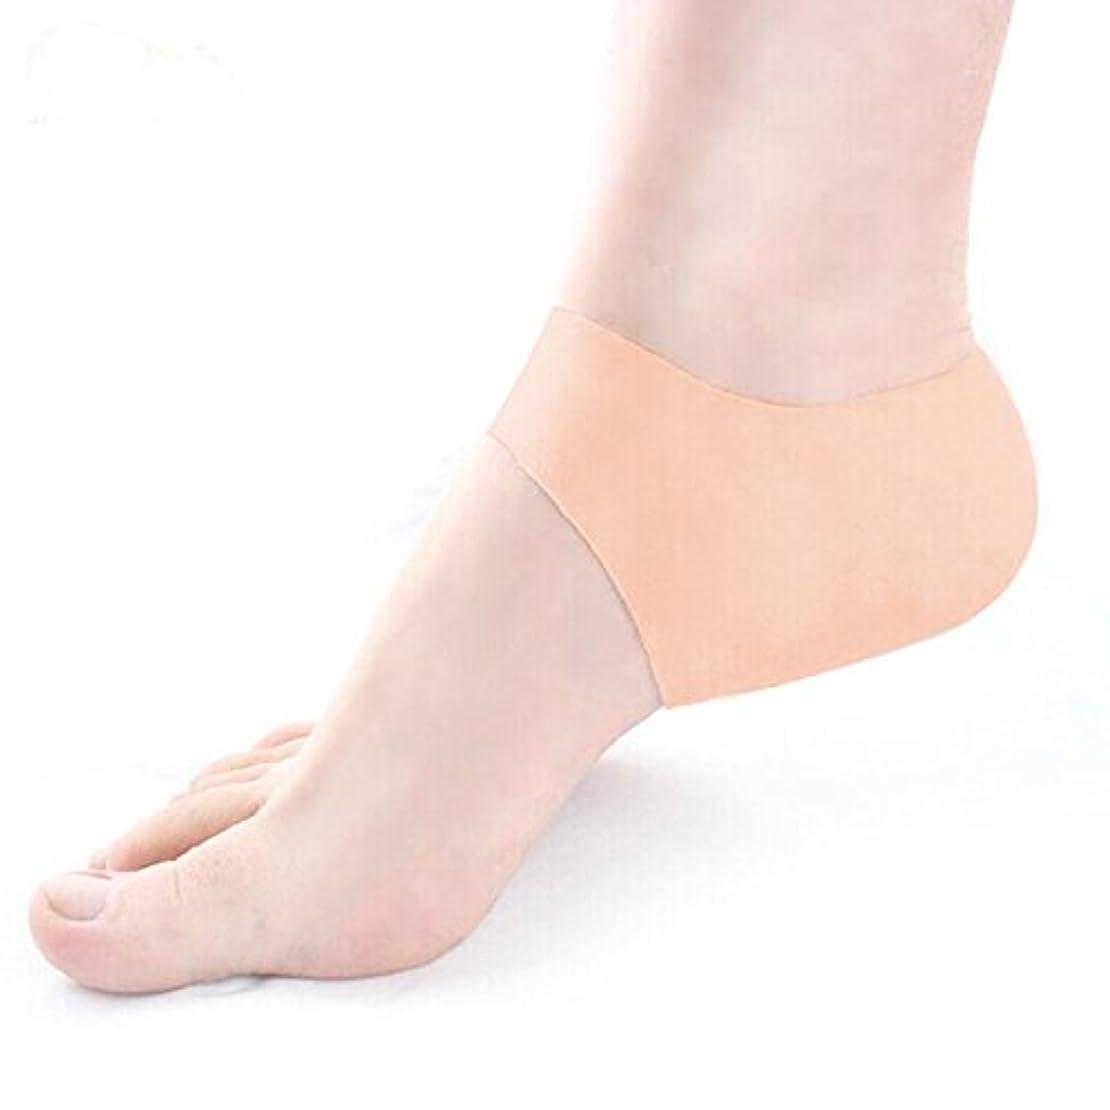 絞る長老味付けACHICOO 保護クッション 皮膚 軟化 グレード シリコーンゲルヒールの袖 足根筋膜炎 痛み緩和 1つペア Beige